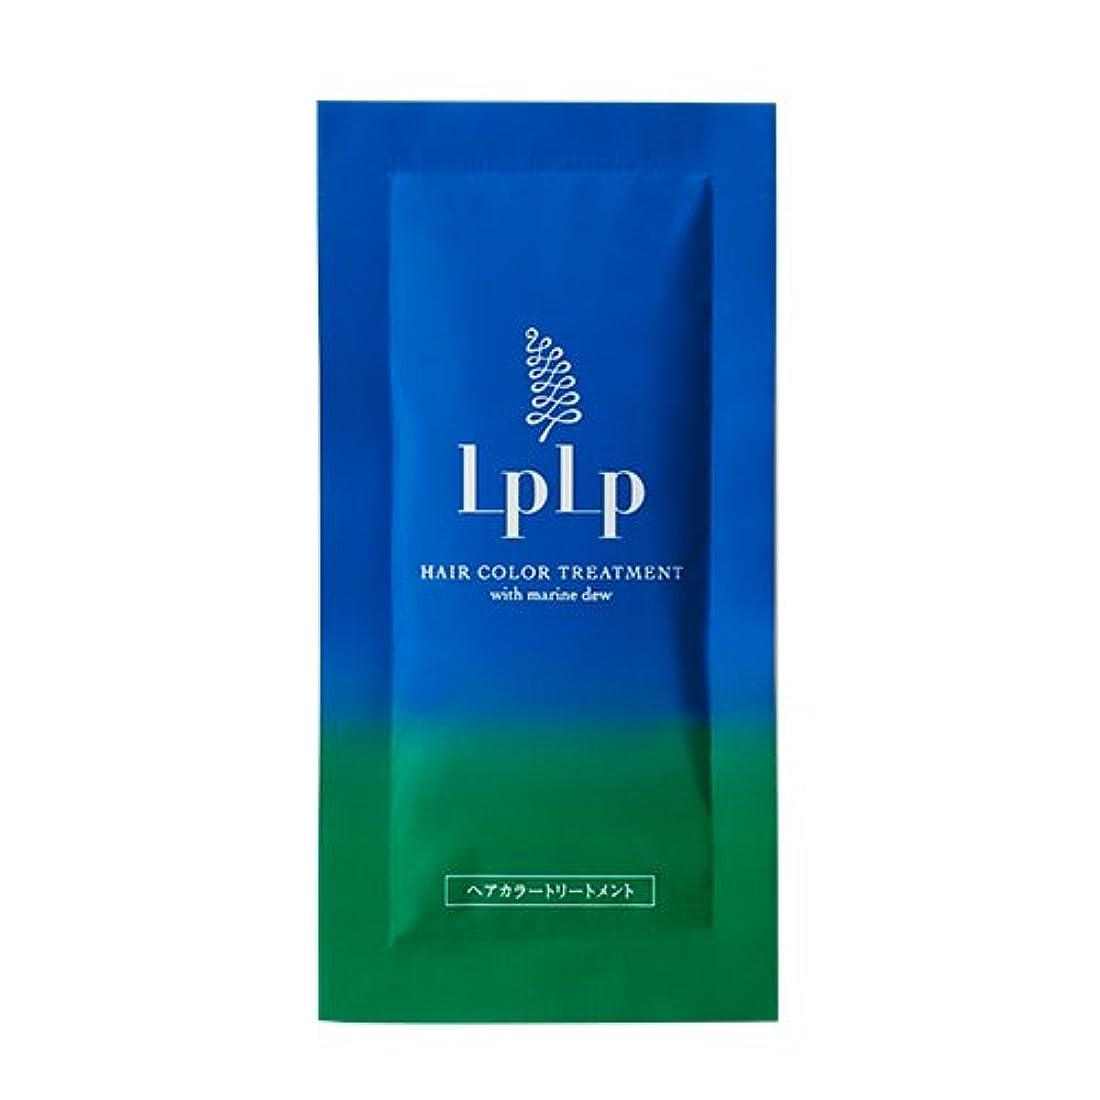 トランペット抵抗対LPLP(ルプルプ)ヘアカラートリートメントお試しパウチ ブラウン